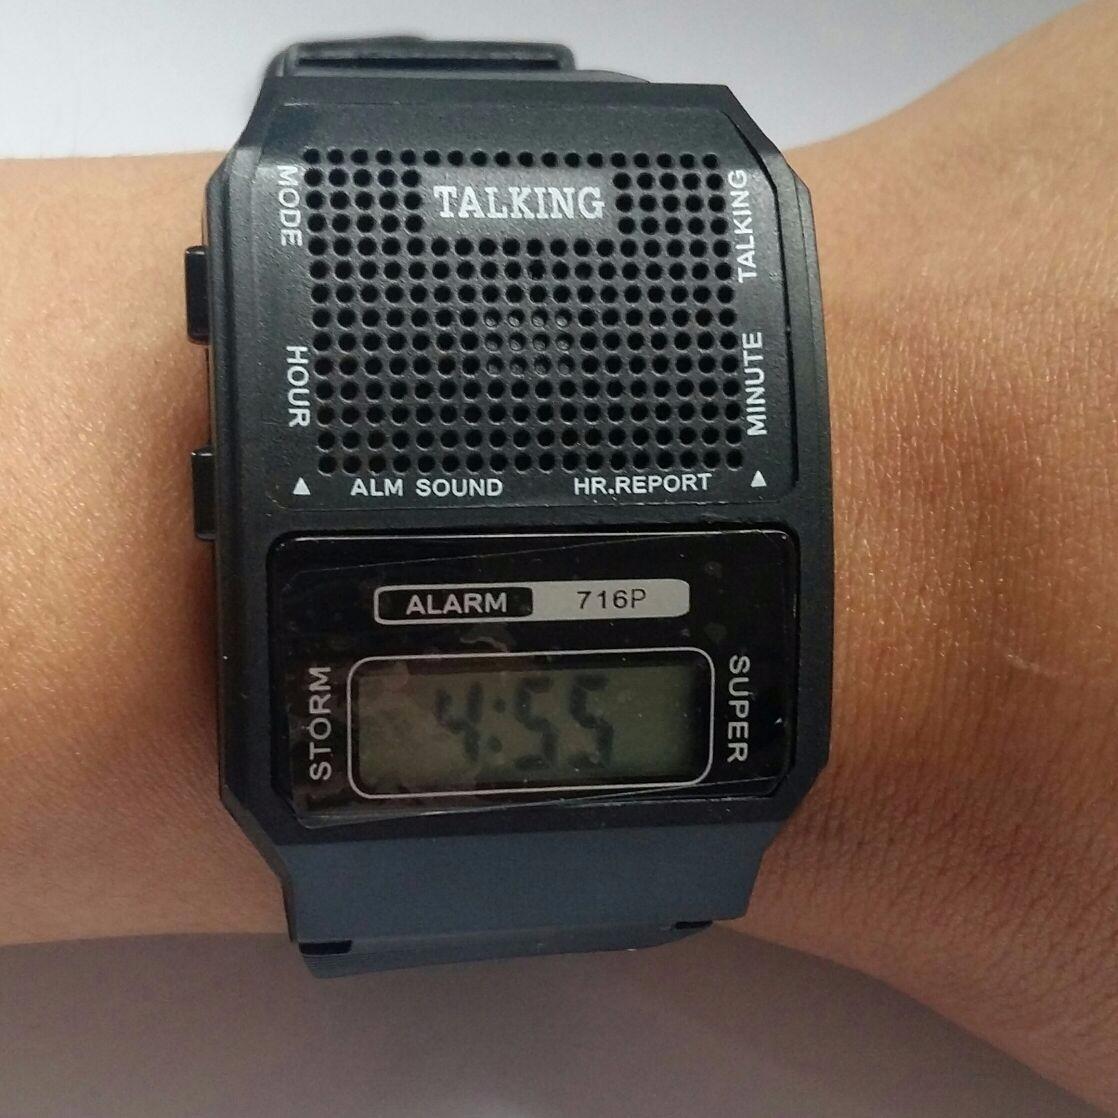 1870d1224f9 relógio fala hora ideal para idoso ou deficiente visual. Carregando zoom.